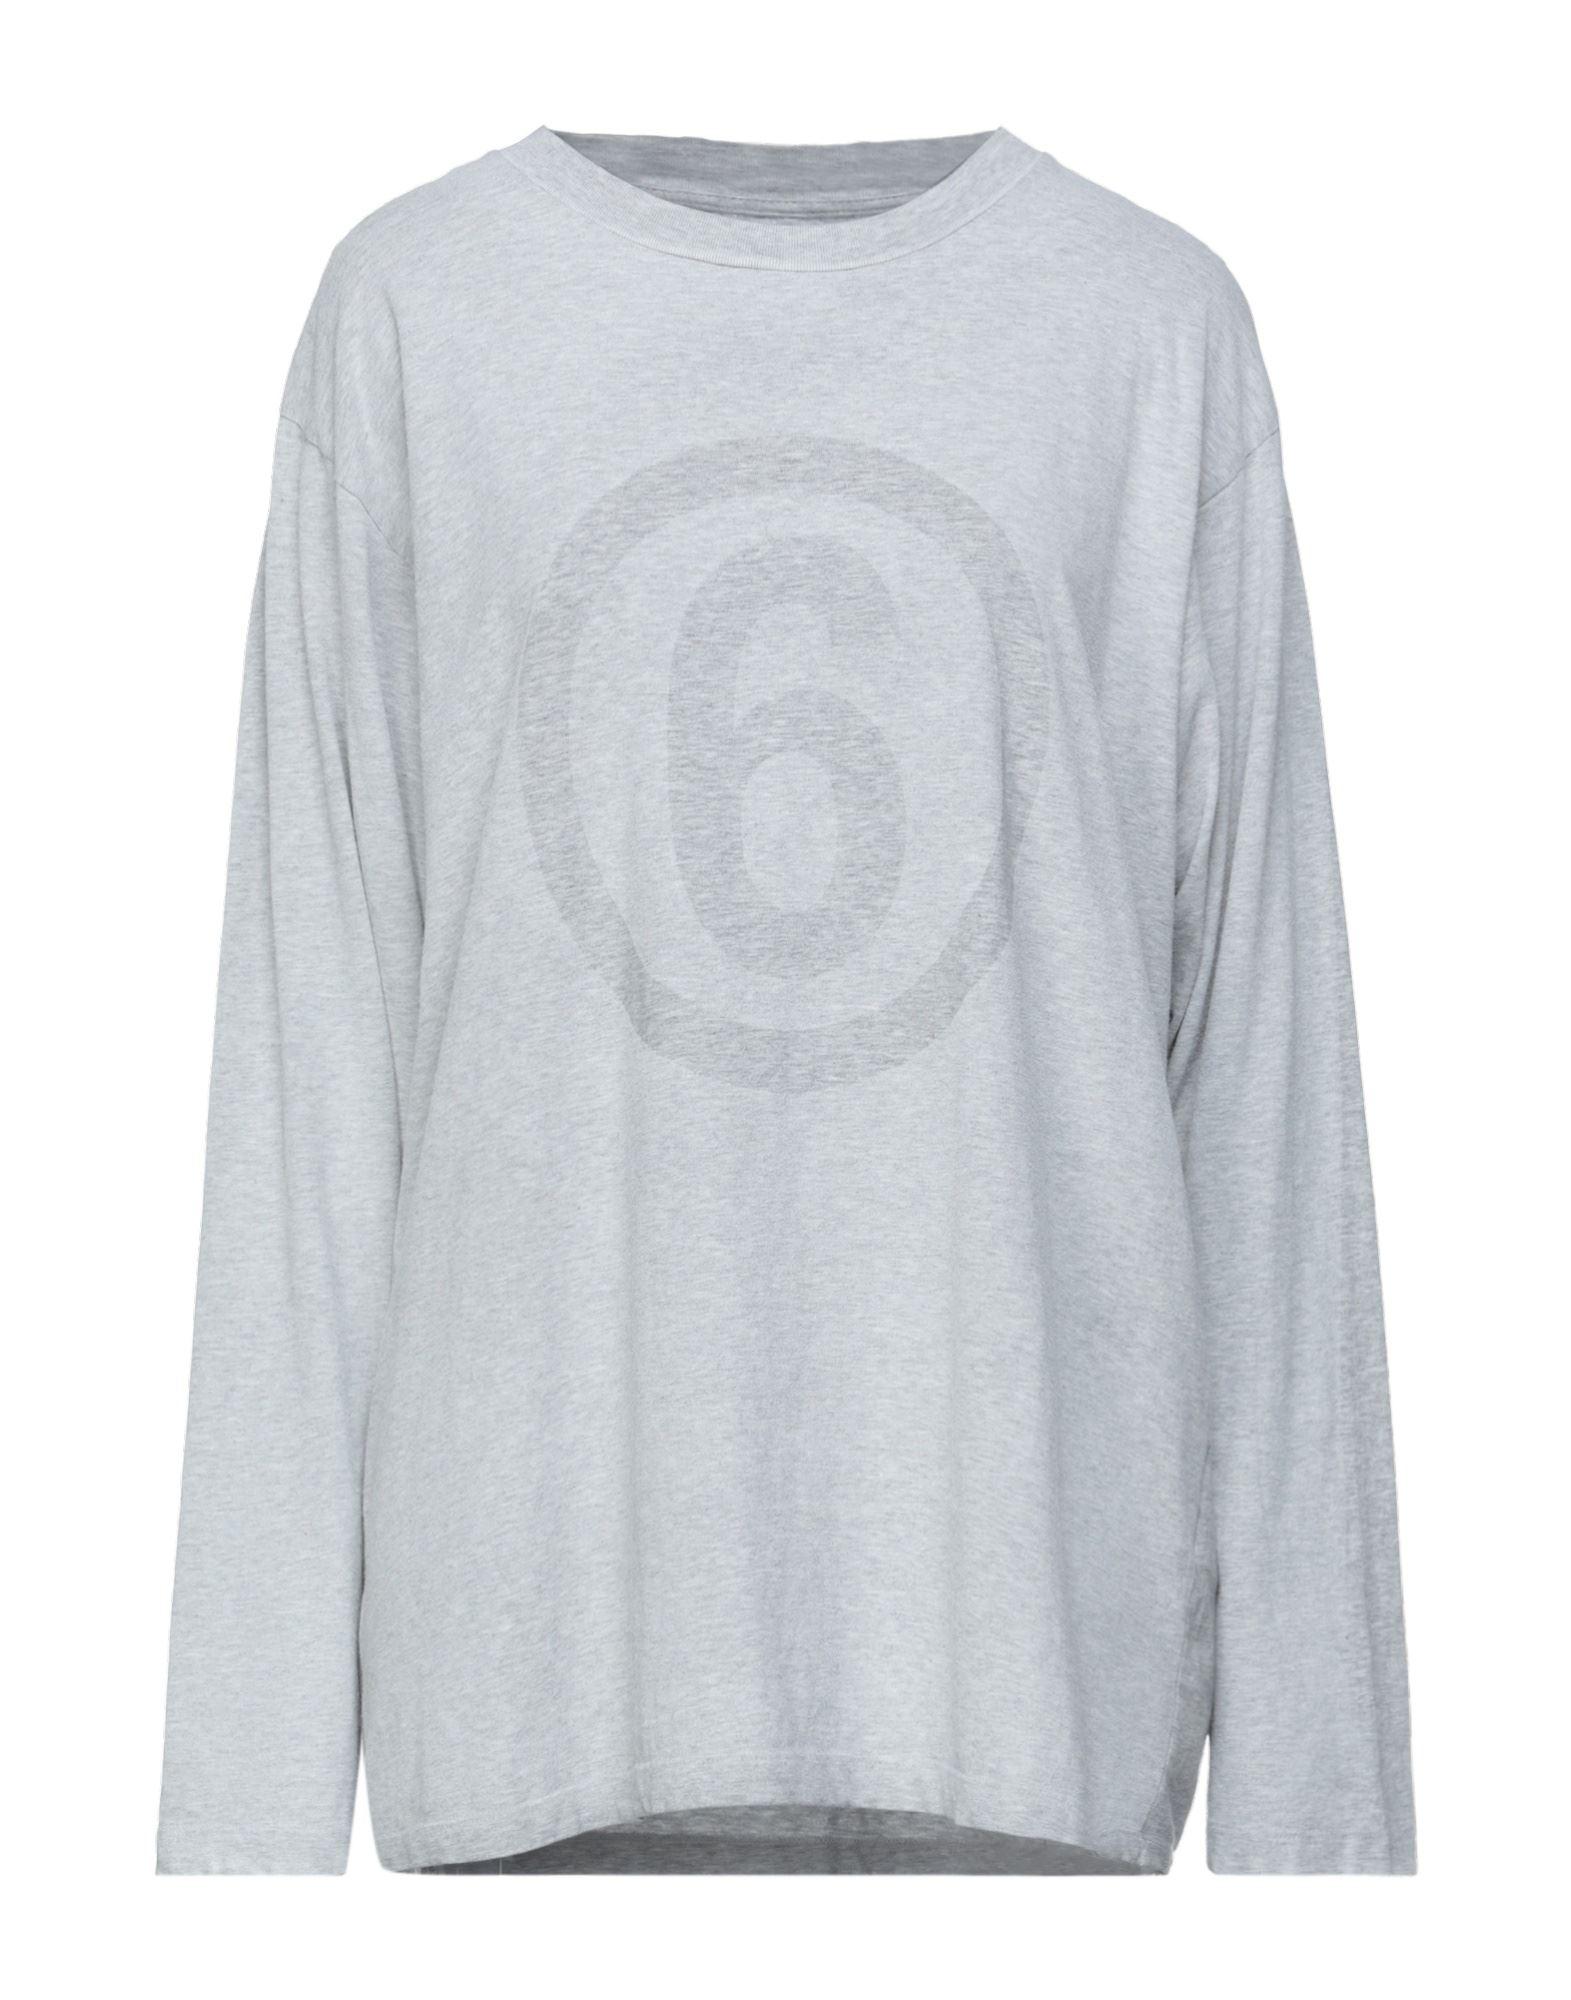 MM6 MAISON MARGIELA Футболка mm6 maison margiela футболка